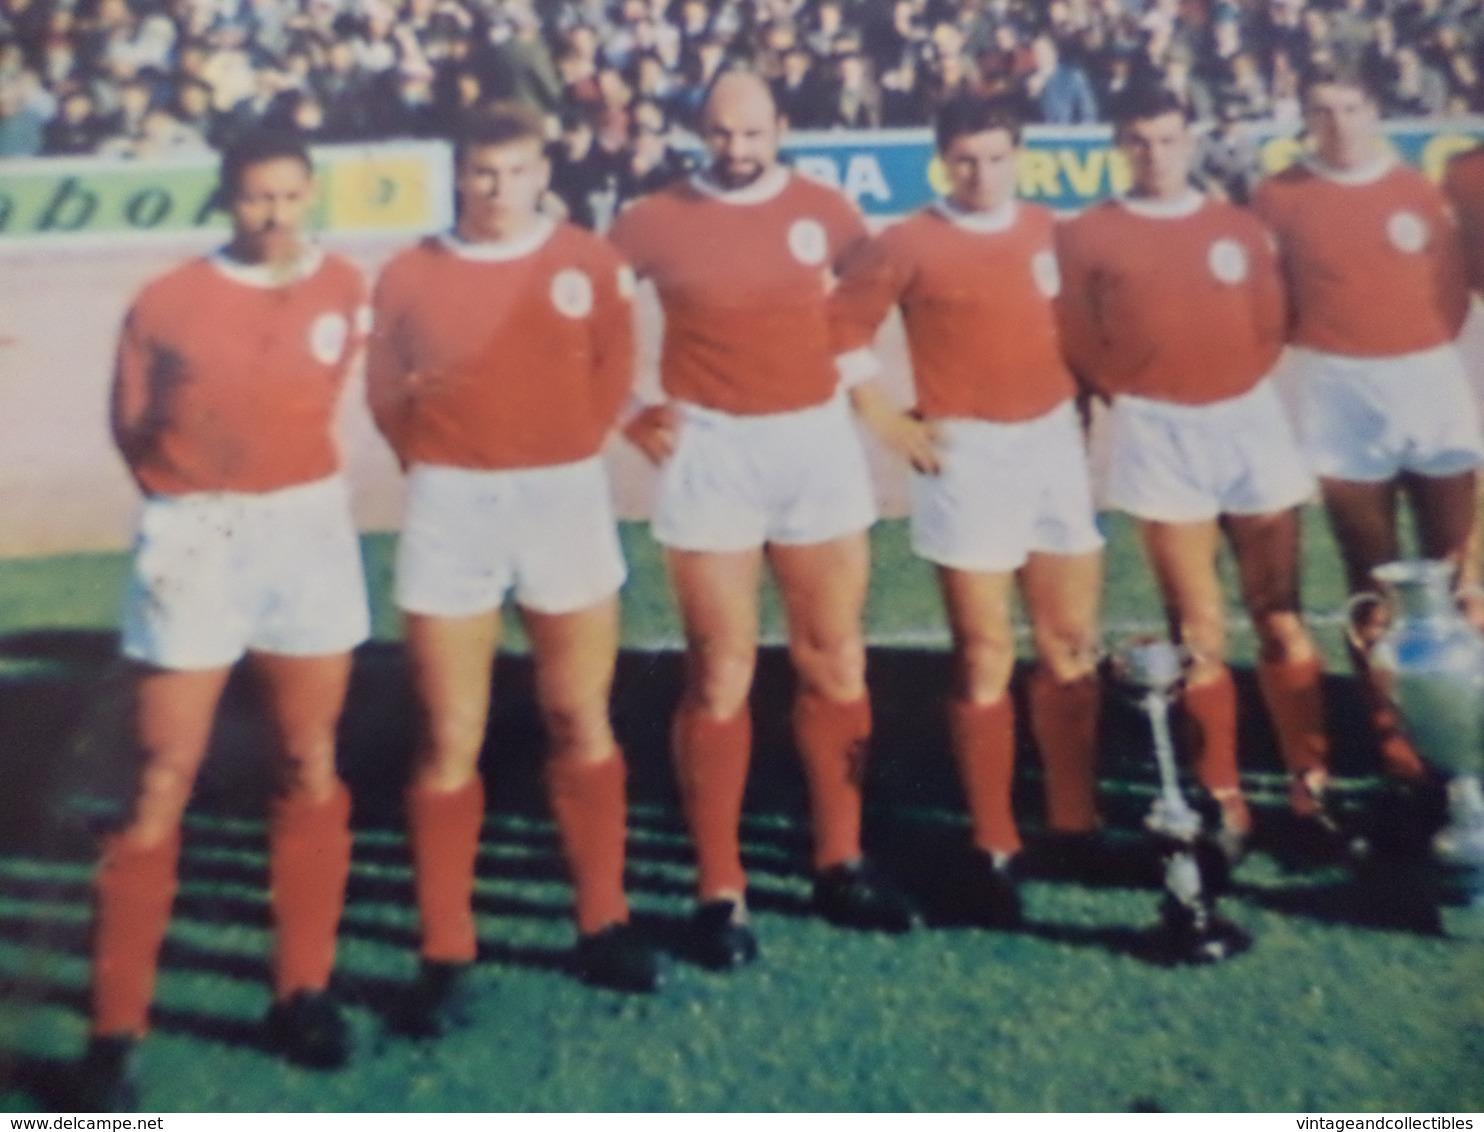 SPORT LISBOA E BENFICA - EQUIPA VENCEDORA DO CAMPEONATO NACIONAL E TAÇA DE PORTUGAL 1963/64 - FOTOGRAFIA ORIGINAL - Sport